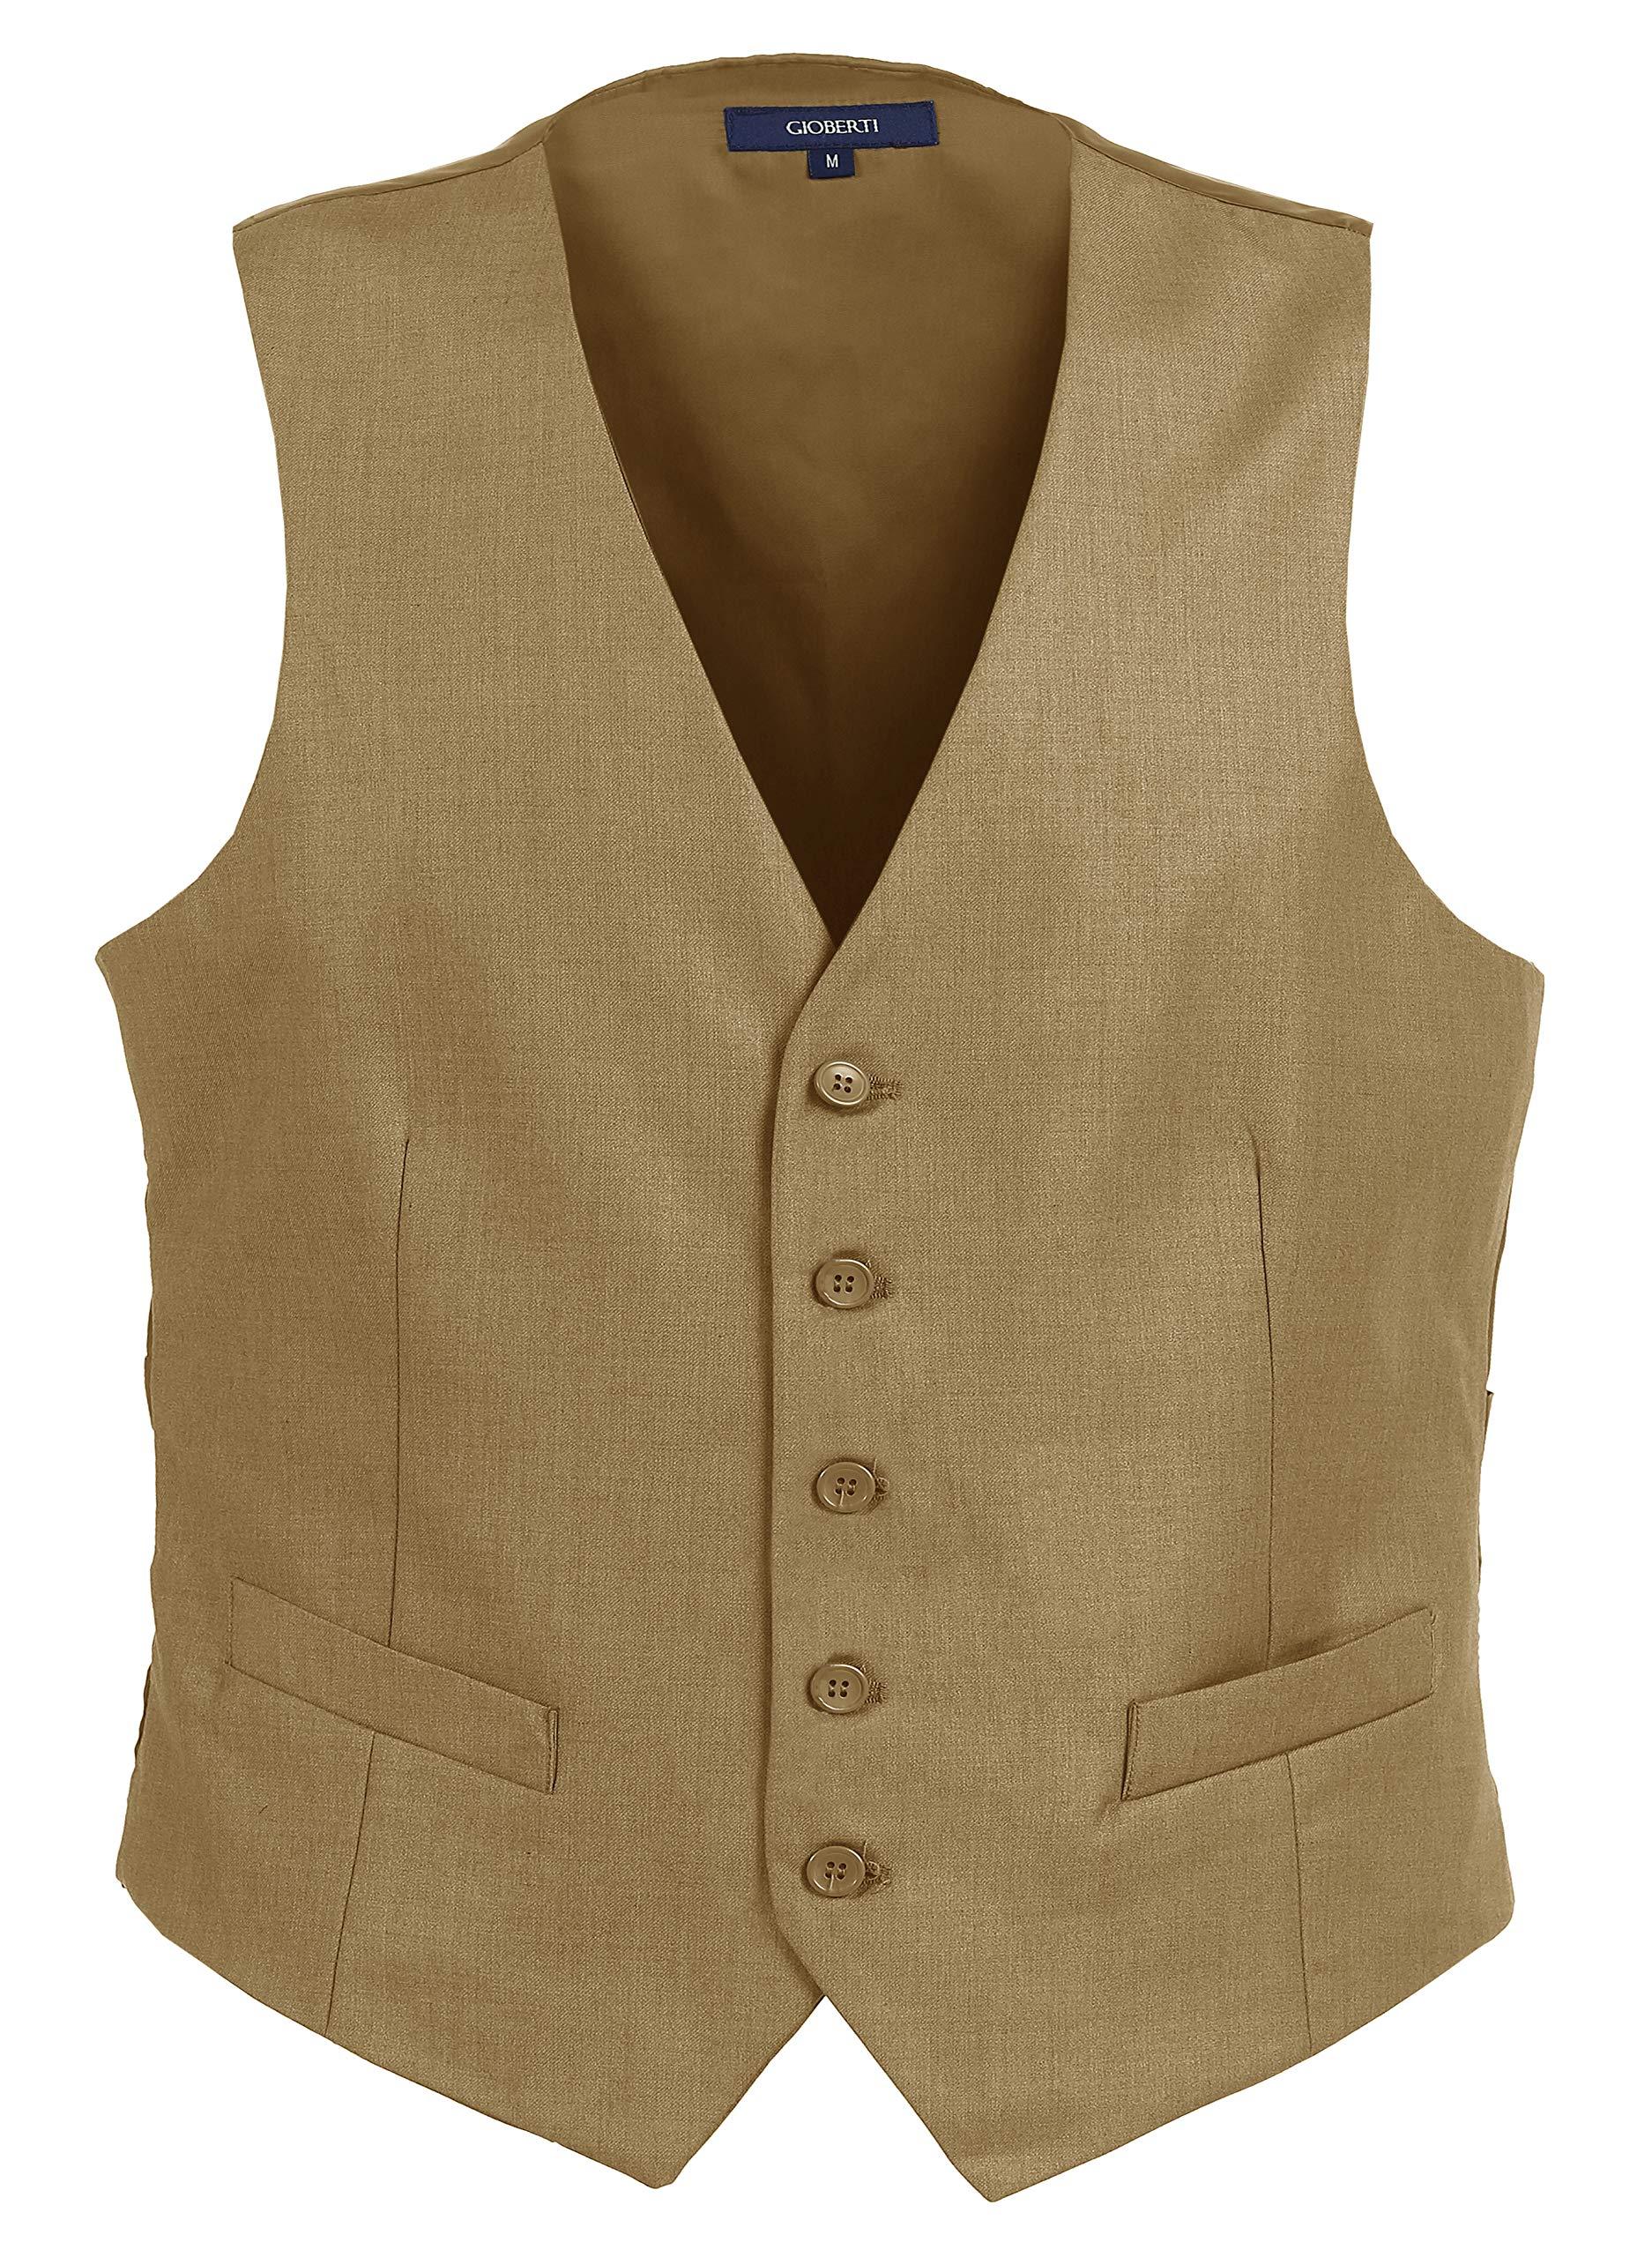 Gioberti Mens Formal Suit Vest, Khaki, 2X-Large by Gioberti